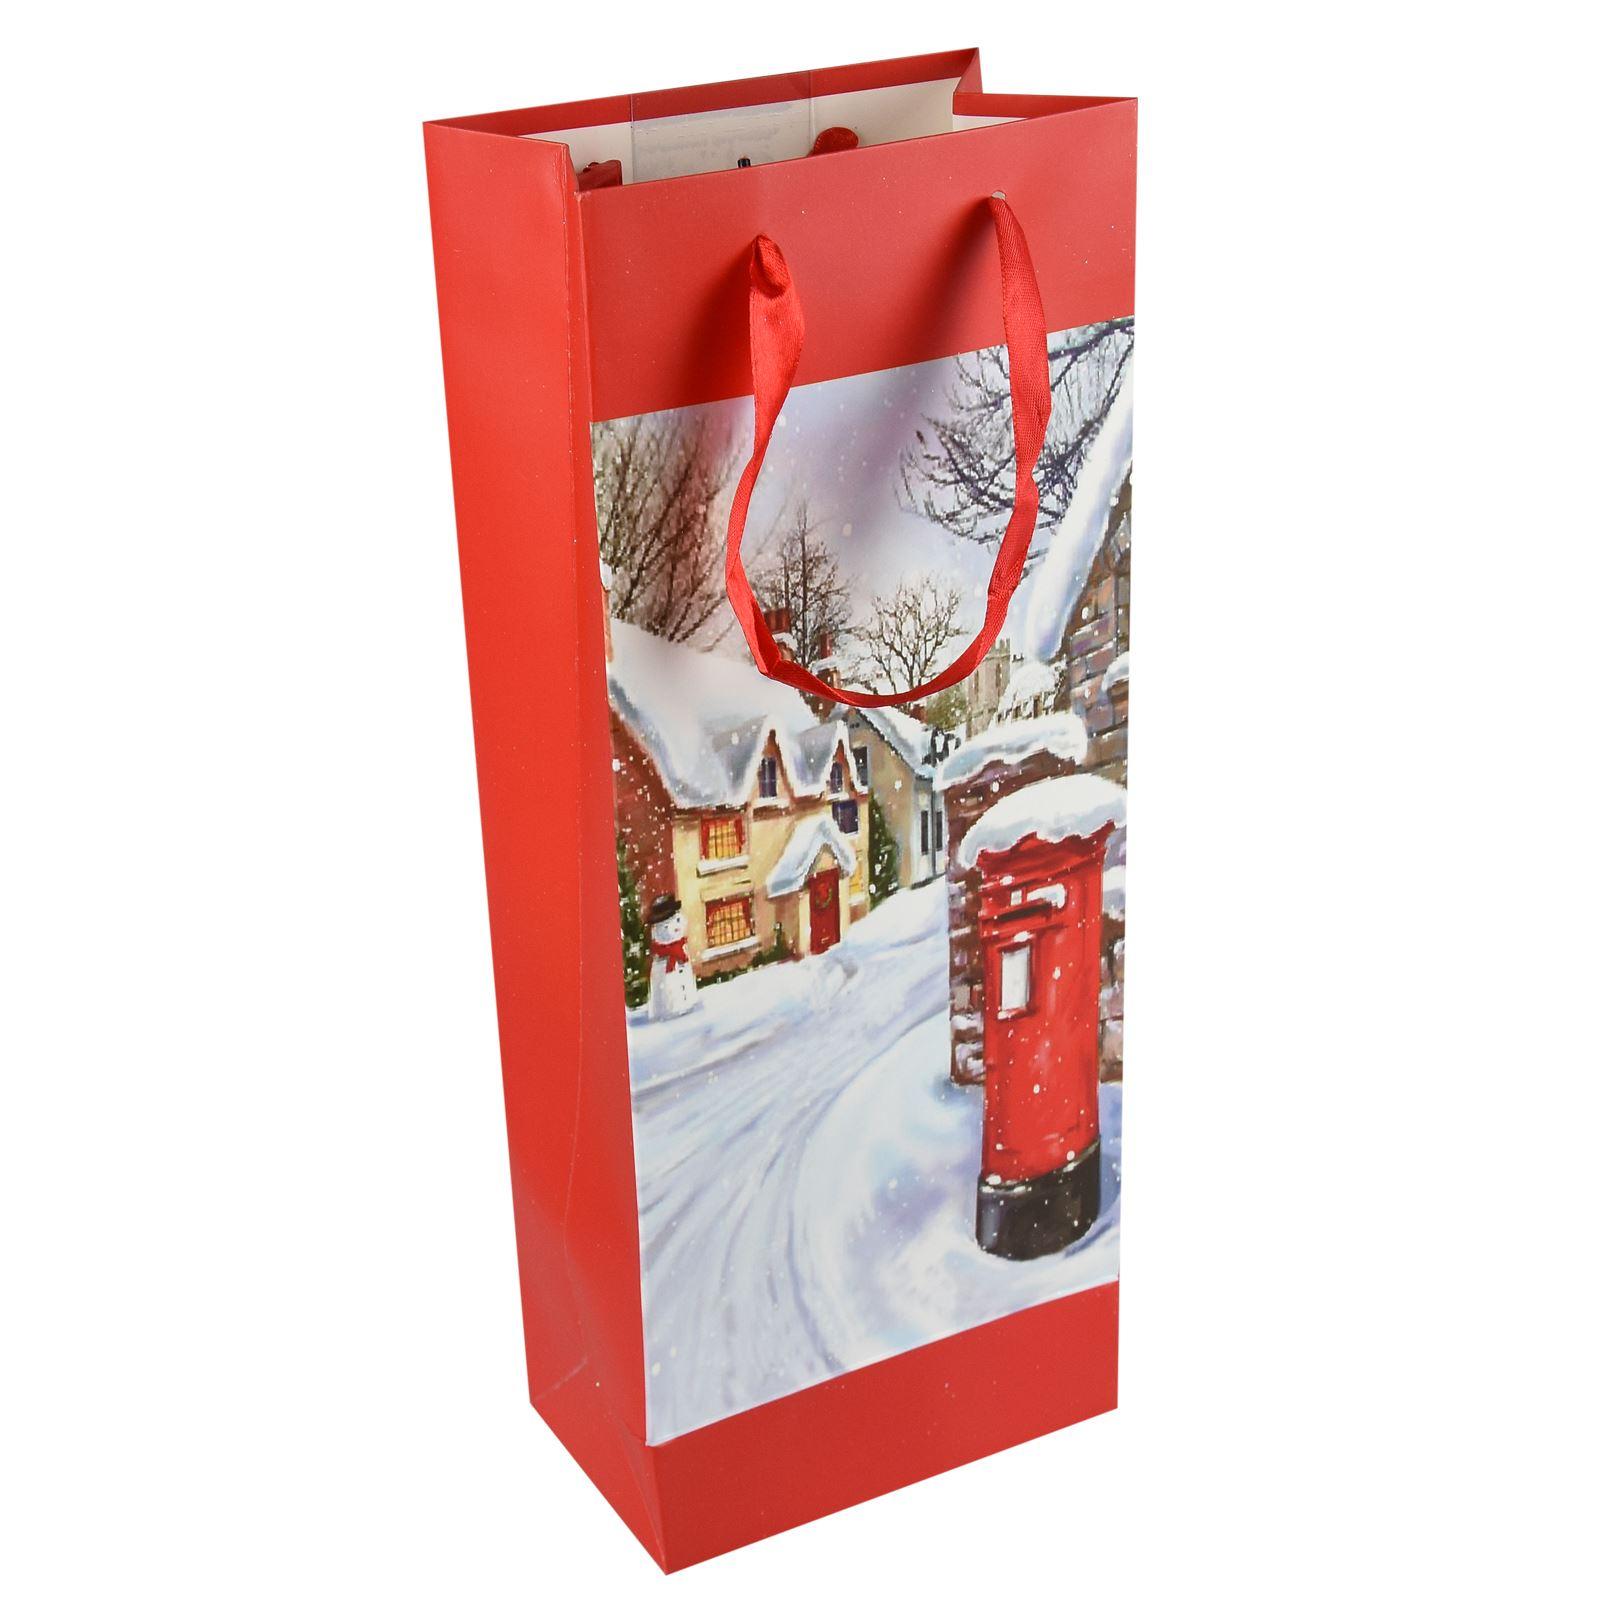 Tradizionale-Regalo-di-Natale-Borse-Regalo-Natale-Inverno-Glitter-Design-Paper-Carrier miniatura 5